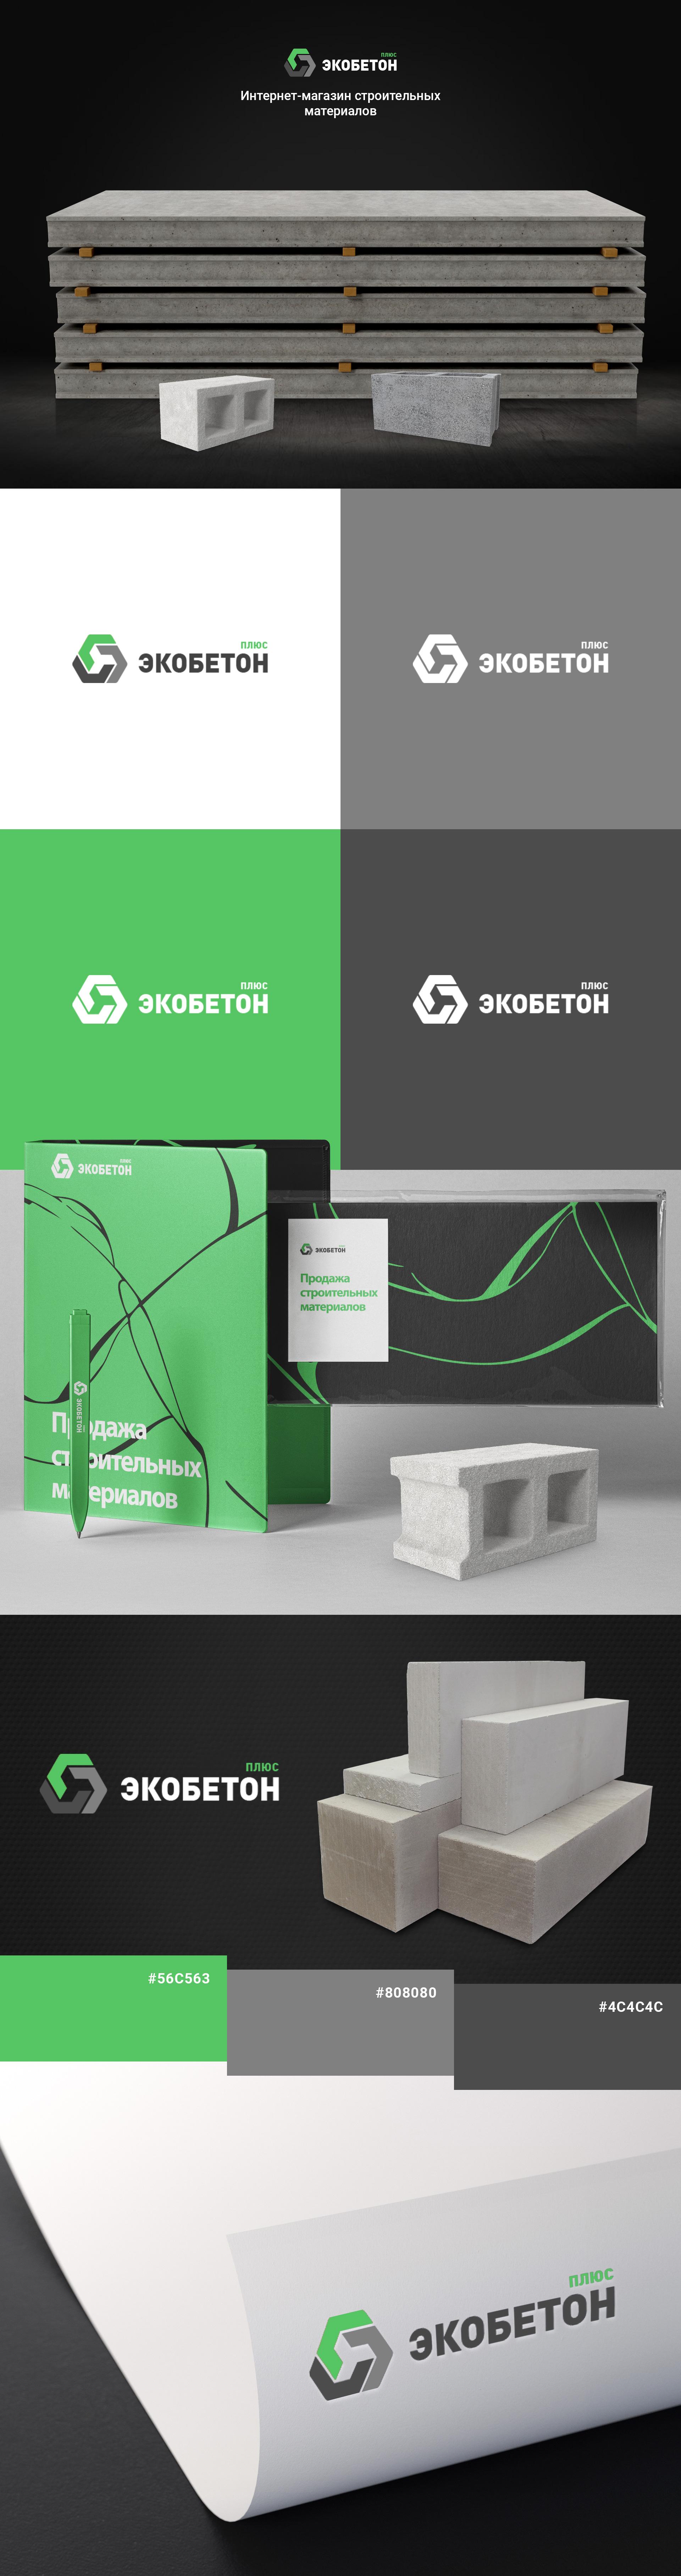 для интернет-магазина стройматериалов Uabeton